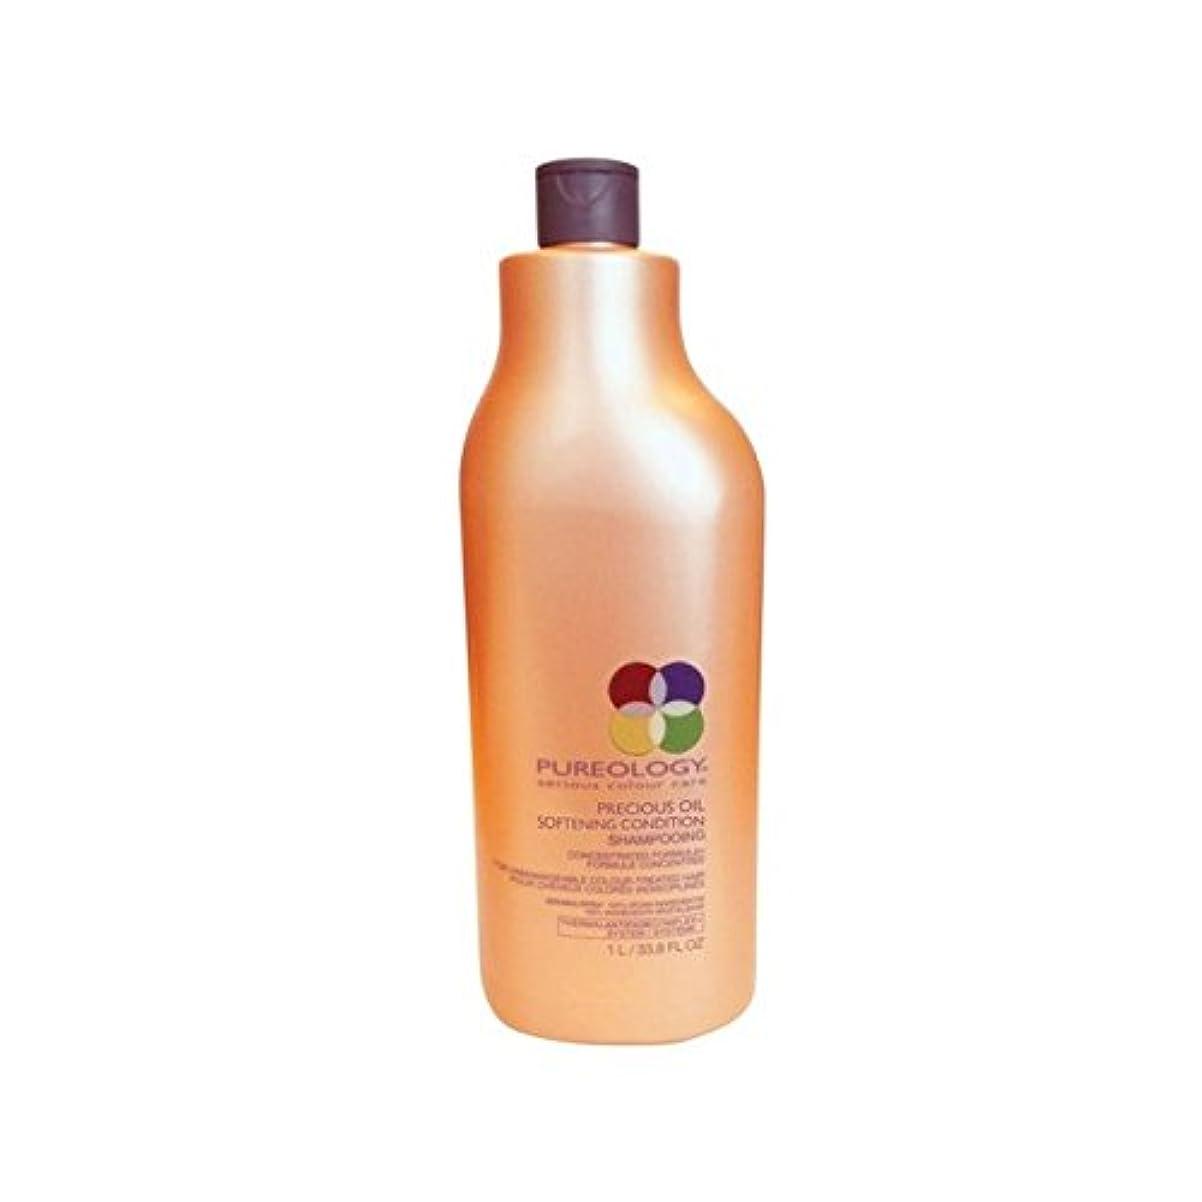 七時半処理する壁紙貴重なオイルコンディショナー(千ミリリットル) x2 - Pureology Precious Oil Conditioner (1000ml) (Pack of 2) [並行輸入品]